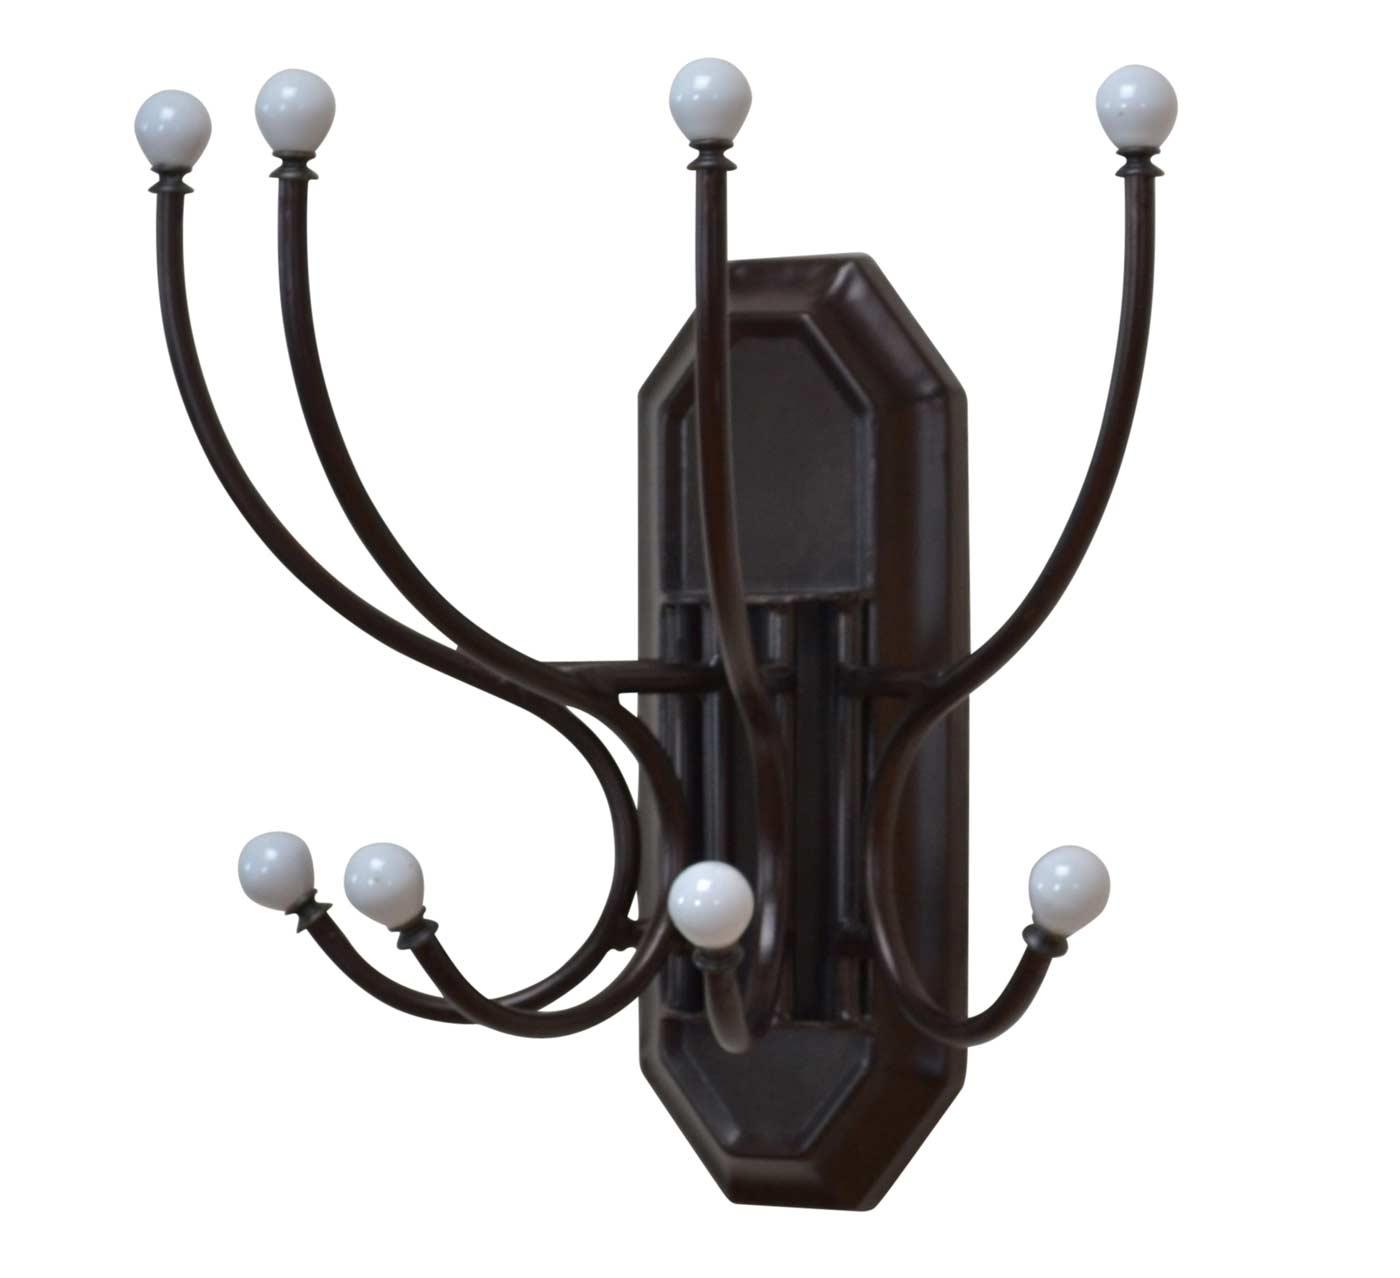 Wandgarderobe H10 Garderobenhaken Garderobe Metall 38x37x20cm